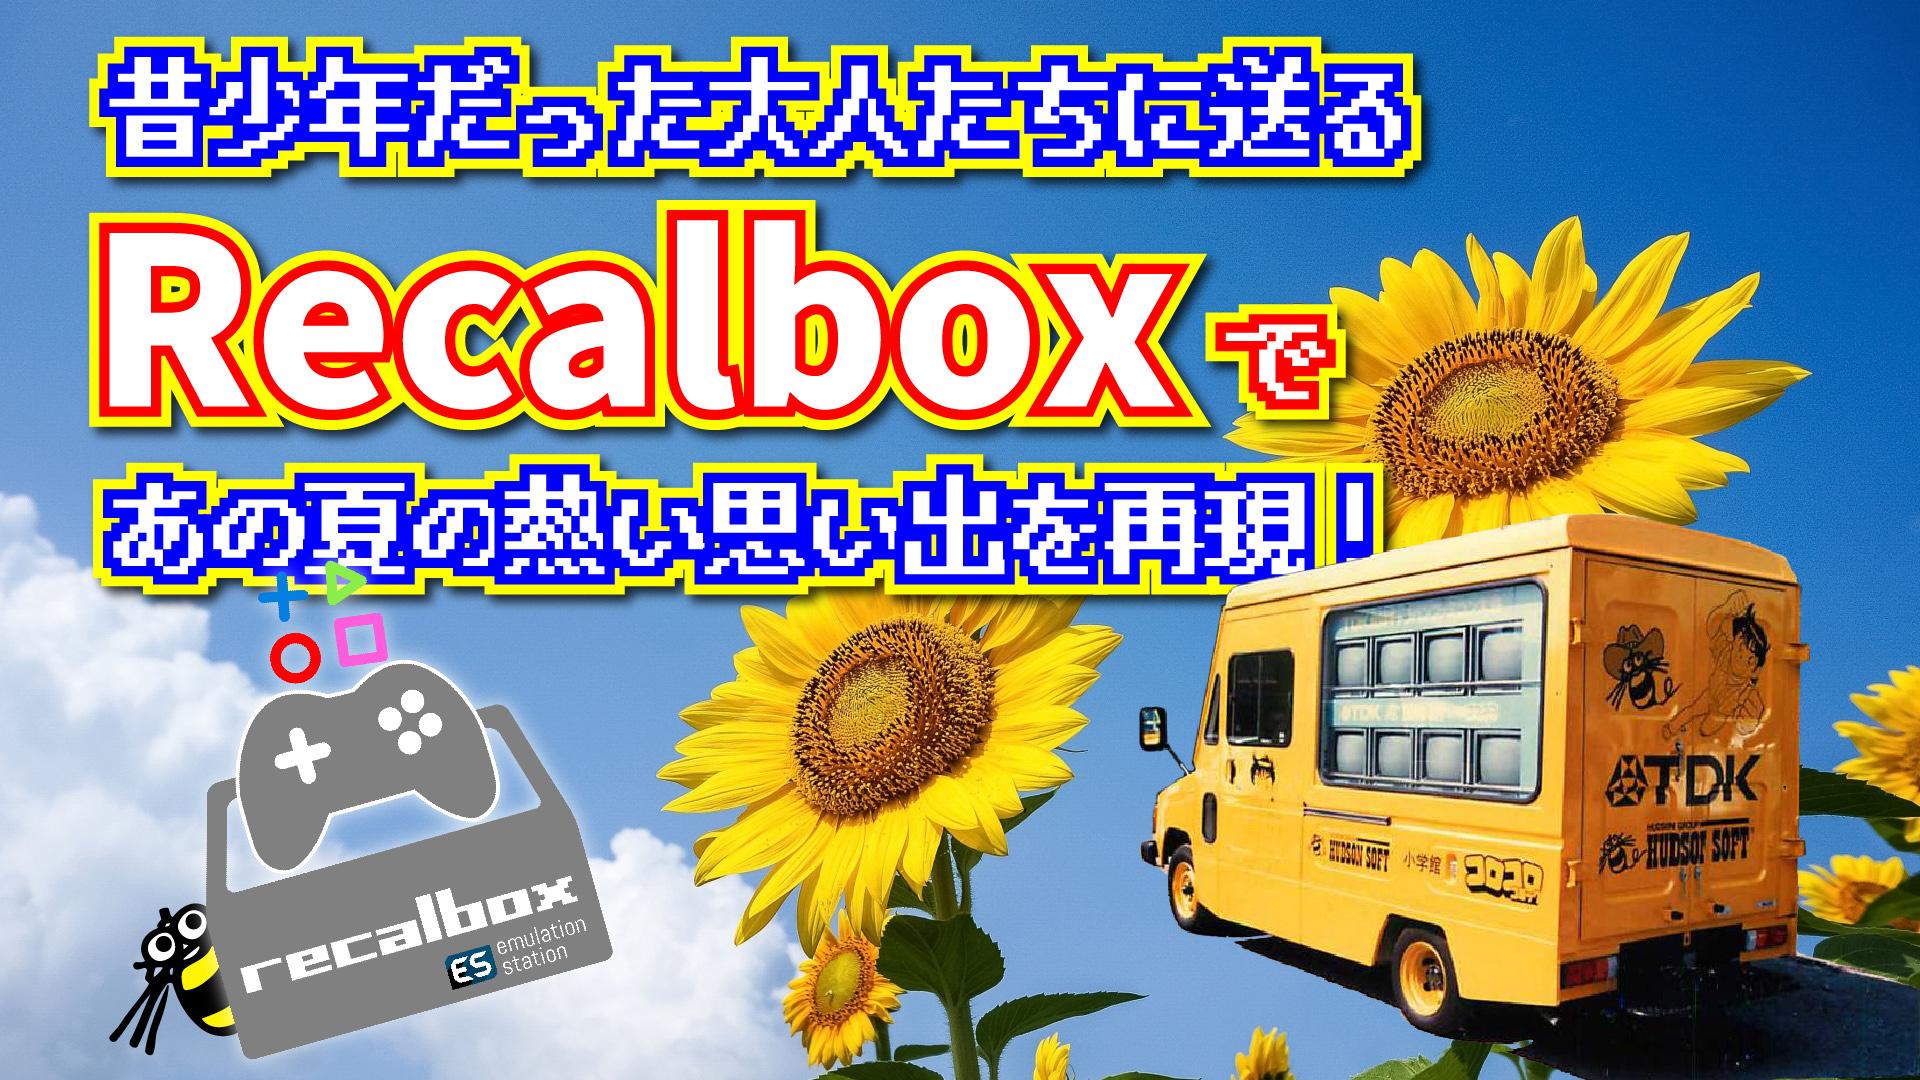 Recalbox で再現する熱い夏のイベント!ゲーム少年だったあなたにこそ伝えたい Linux ベースのエミュレータ!